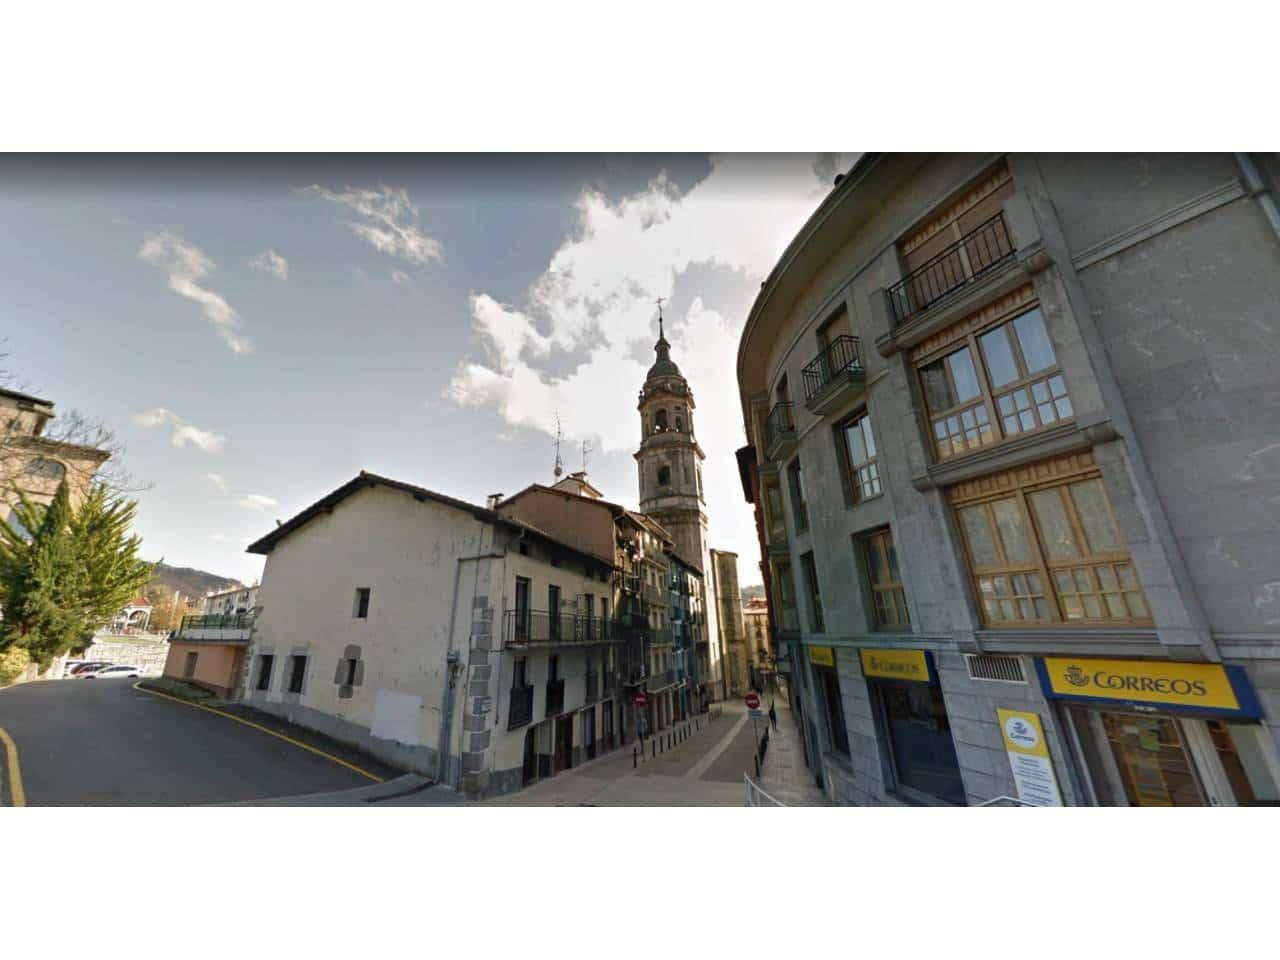 Teren niezagospodarowany na sprzedaż w Azkoitia - 2 800 000 € (Ref: 3861479)